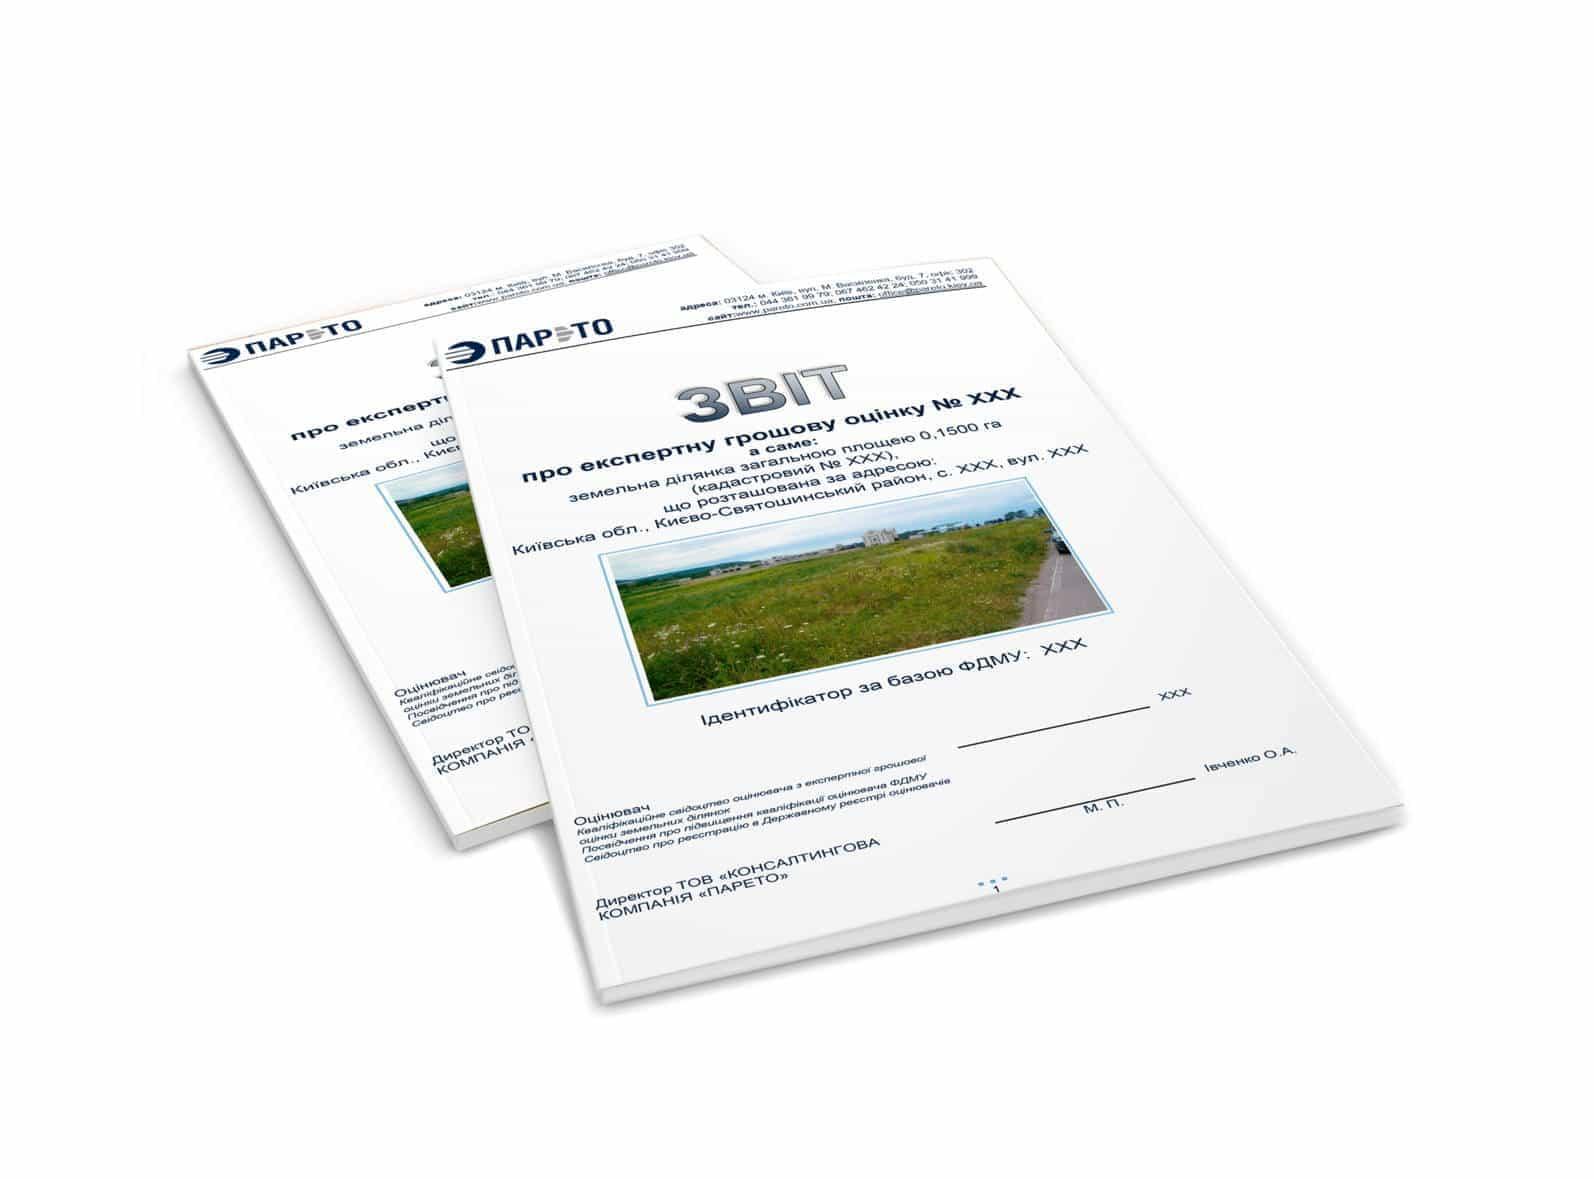 Приклад звіту про оцінку земельної ділянки, ЕКСПЕРТНА ОЦІНКА ЗЕМЕЛЬНИХ ДІЛЯНОК